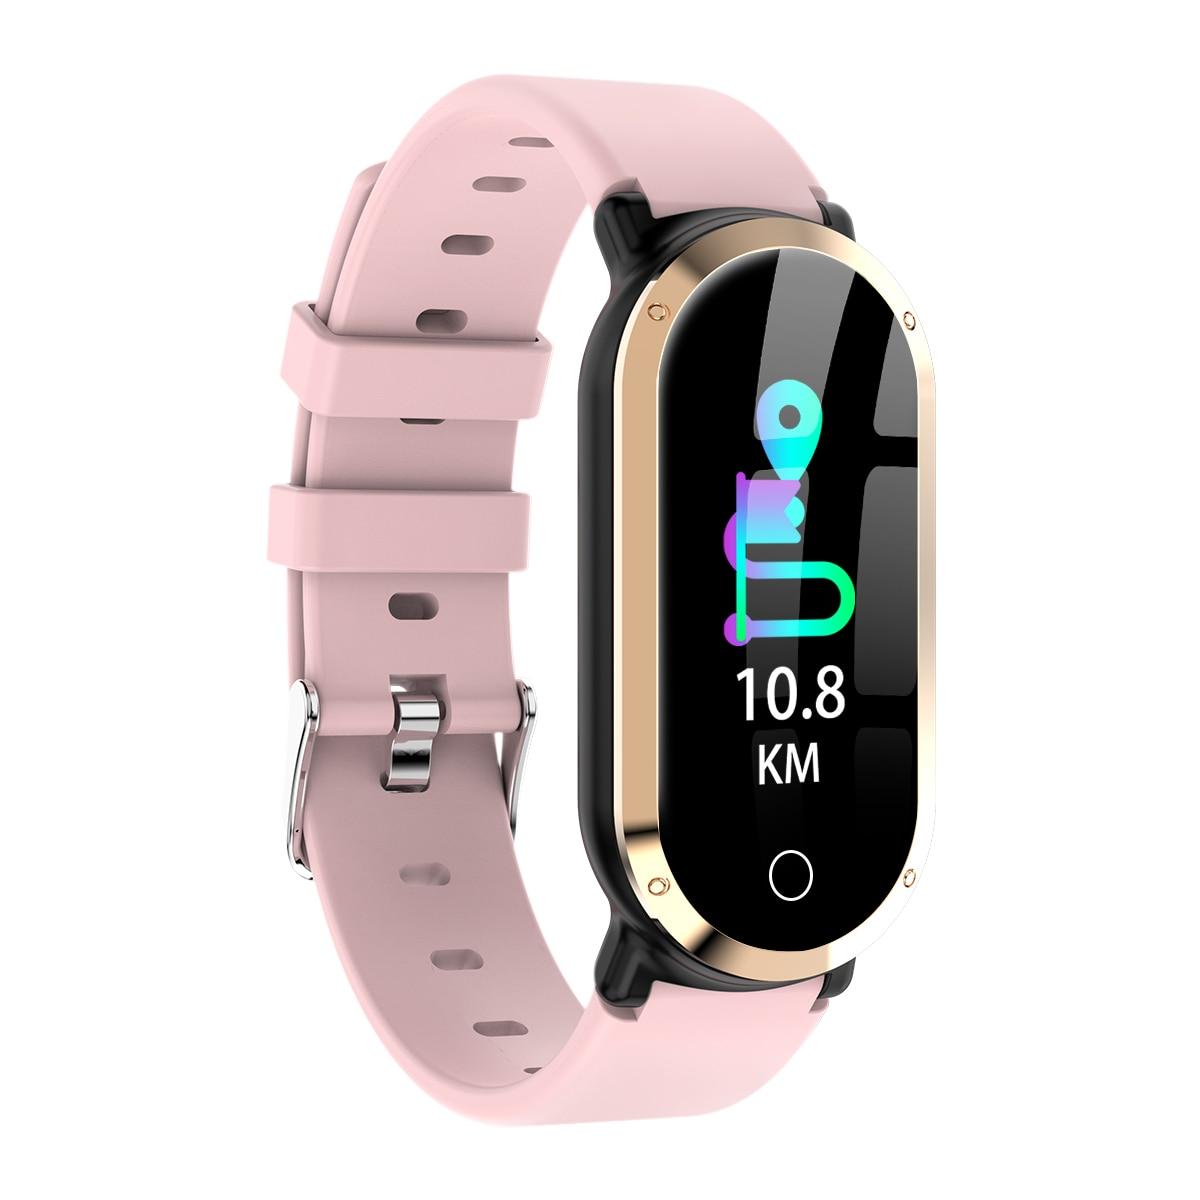 Uhoofit T1 reloj inteligente mujer impermeable reloj Monitor de ritmo cardíaco sangre presión Fitness Tracker hombres Smartwatch para Android IOS